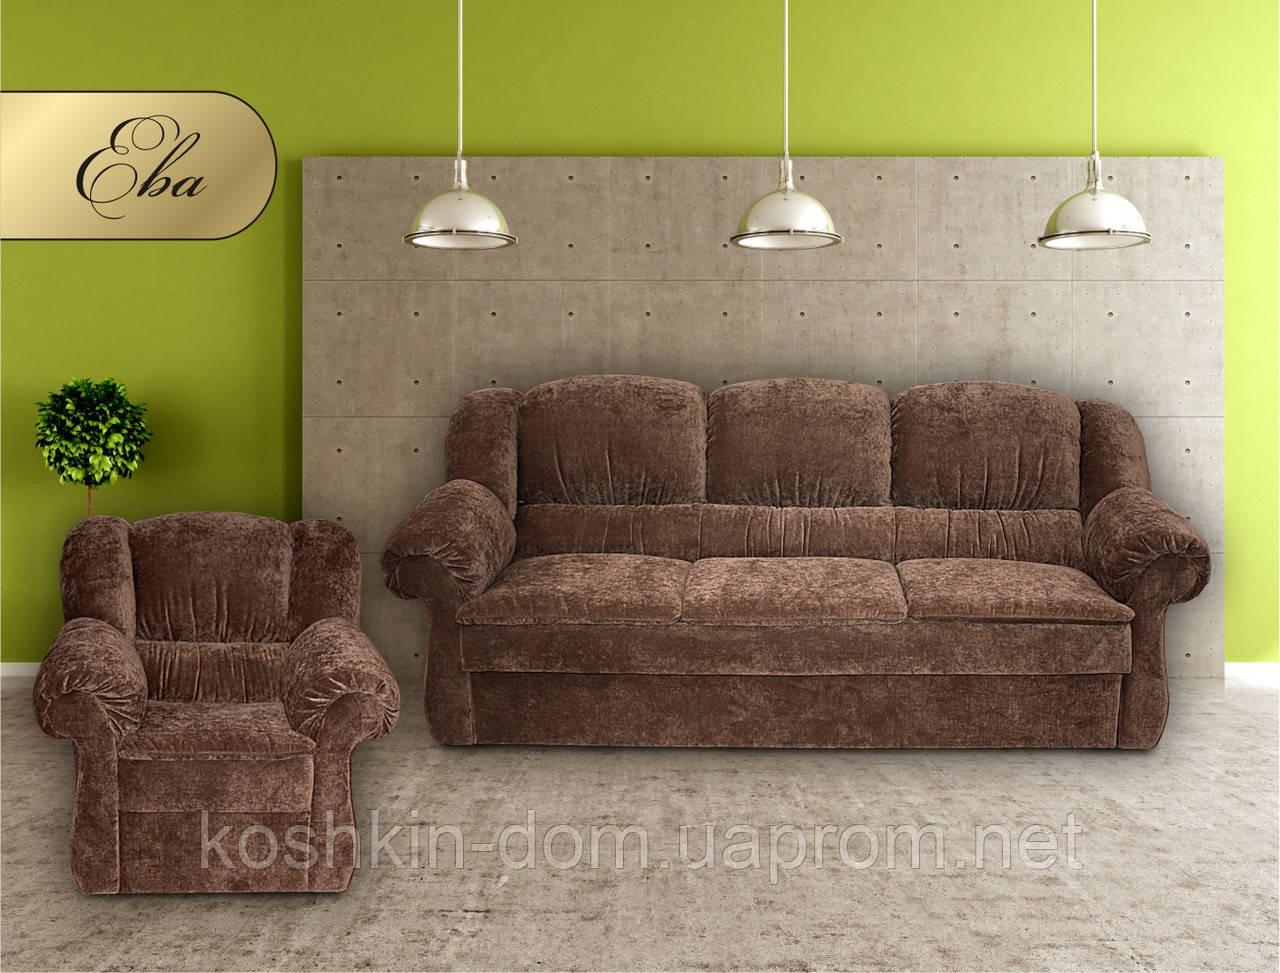 """Комплект мягкой мебели """"Ева"""" (диван + кресло)"""